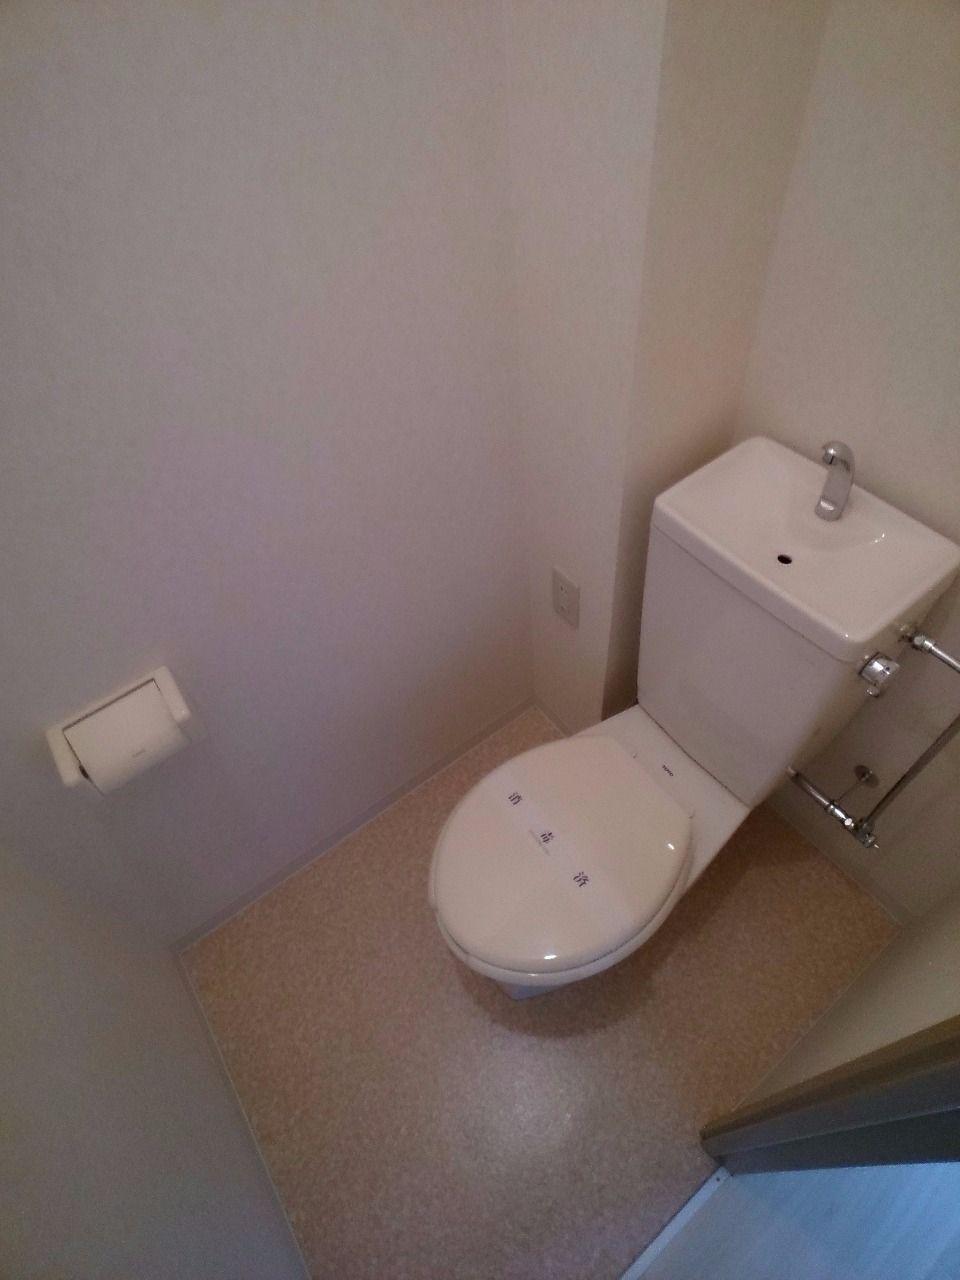 清潔感のあるトイレ ウォシュレット設置可能です